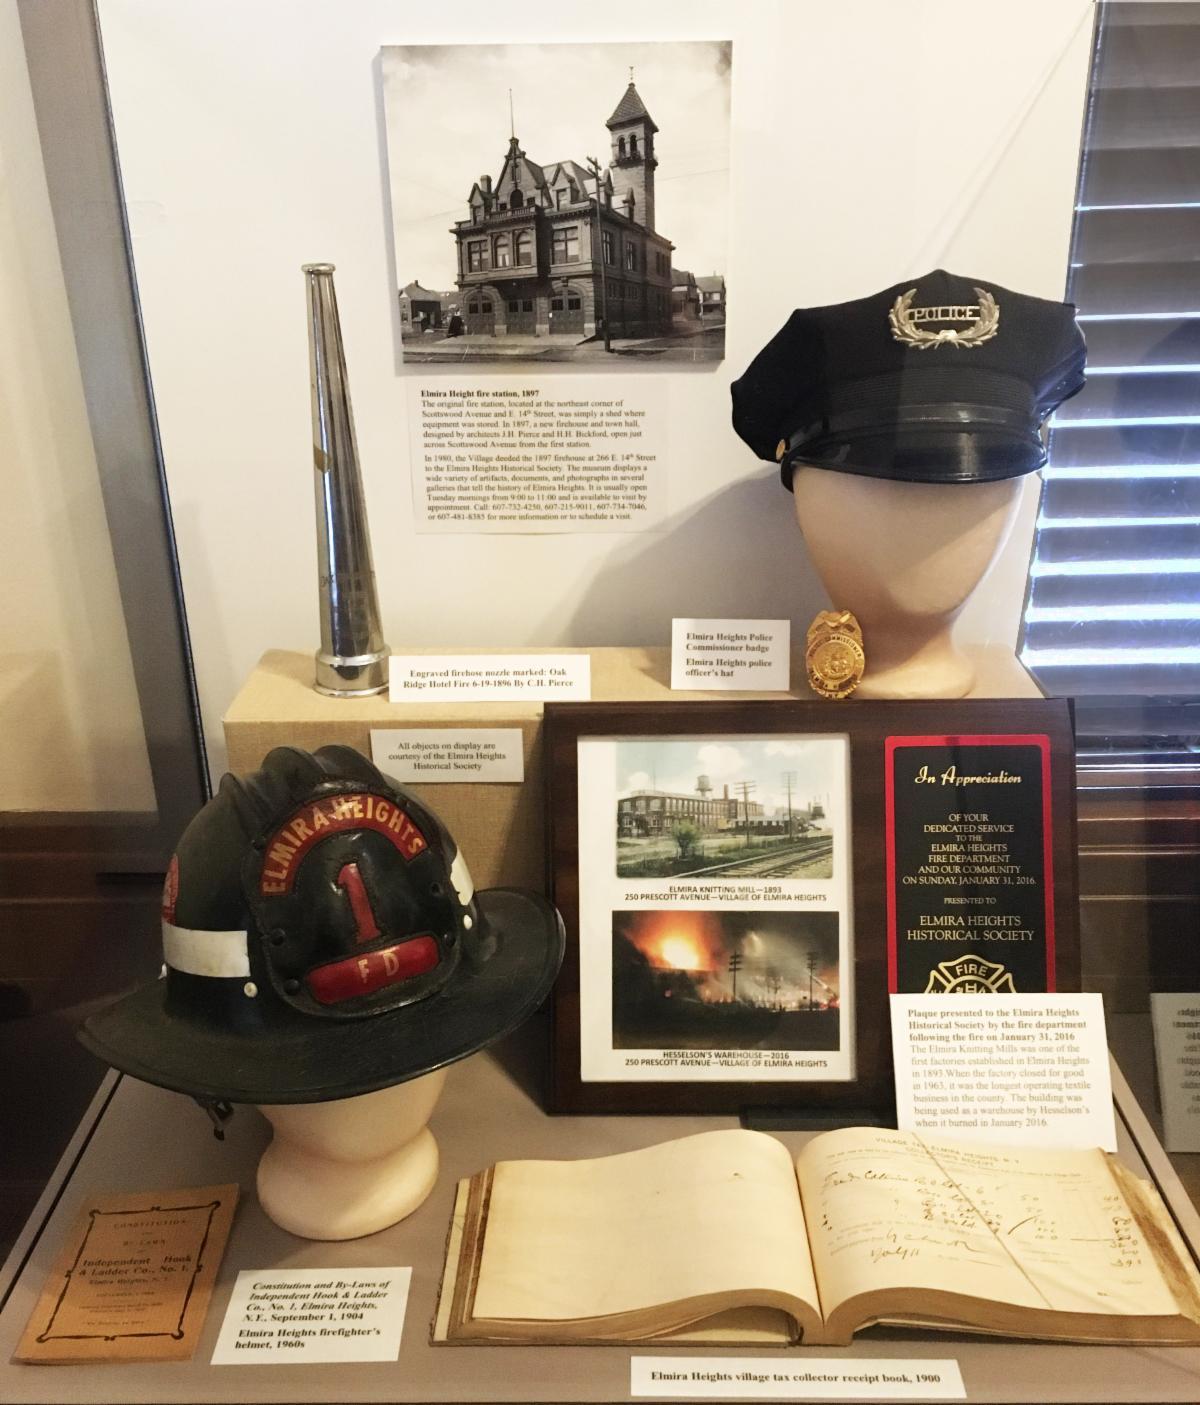 ed3ad478 bdeb 4e81 b8e7 8c939e765670 - This Week at Chemung County Historical Society